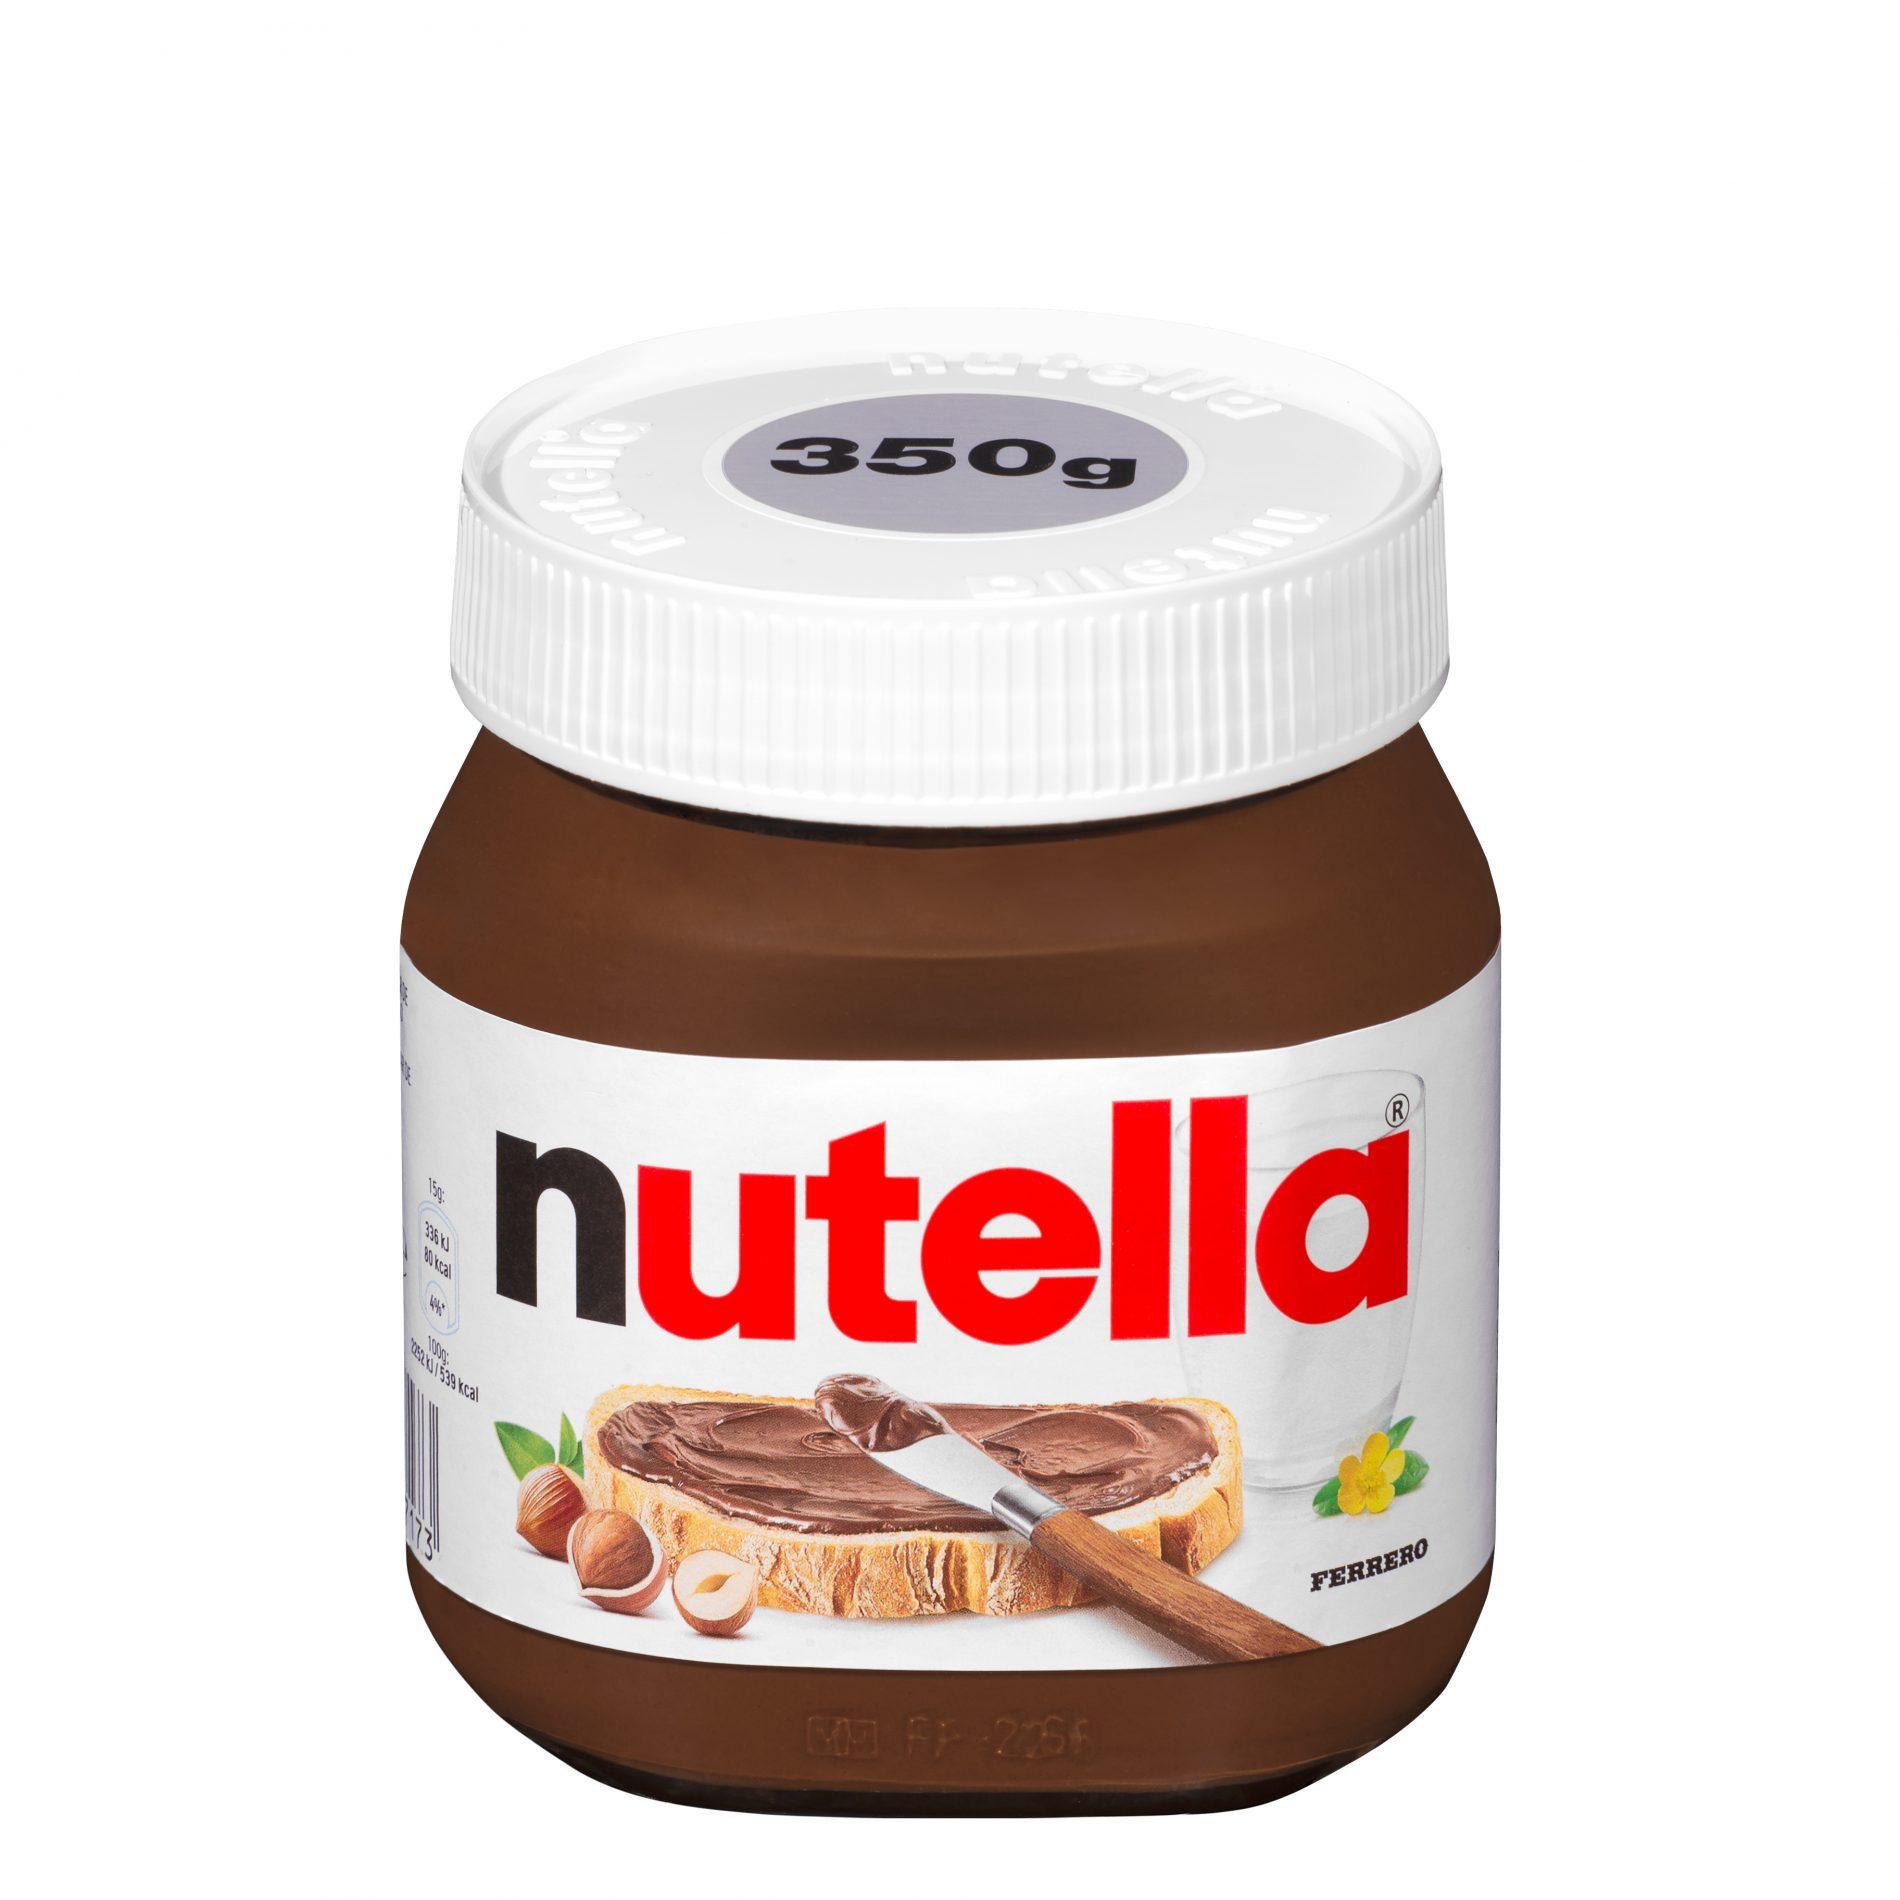 Fotografía de Producto. Bote Nutella para ecommerce Mercadona.